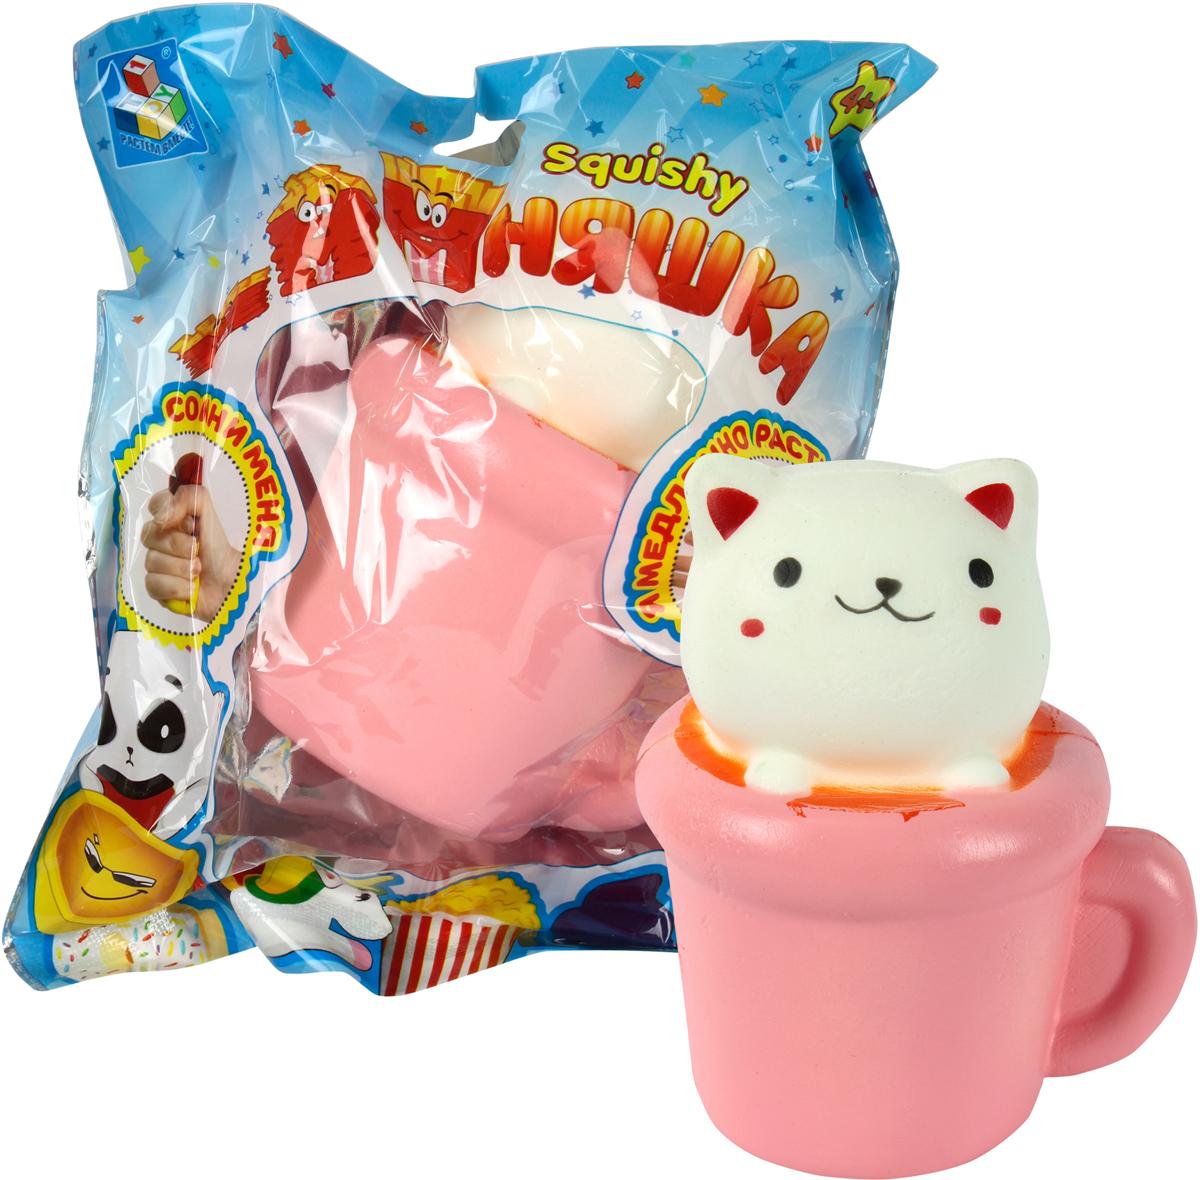 1TOY Игрушка-антистресс Мммняшка Squishy Кошка в чашке 1toy игрушка антистресс мммняшка squishy кошка в чашке